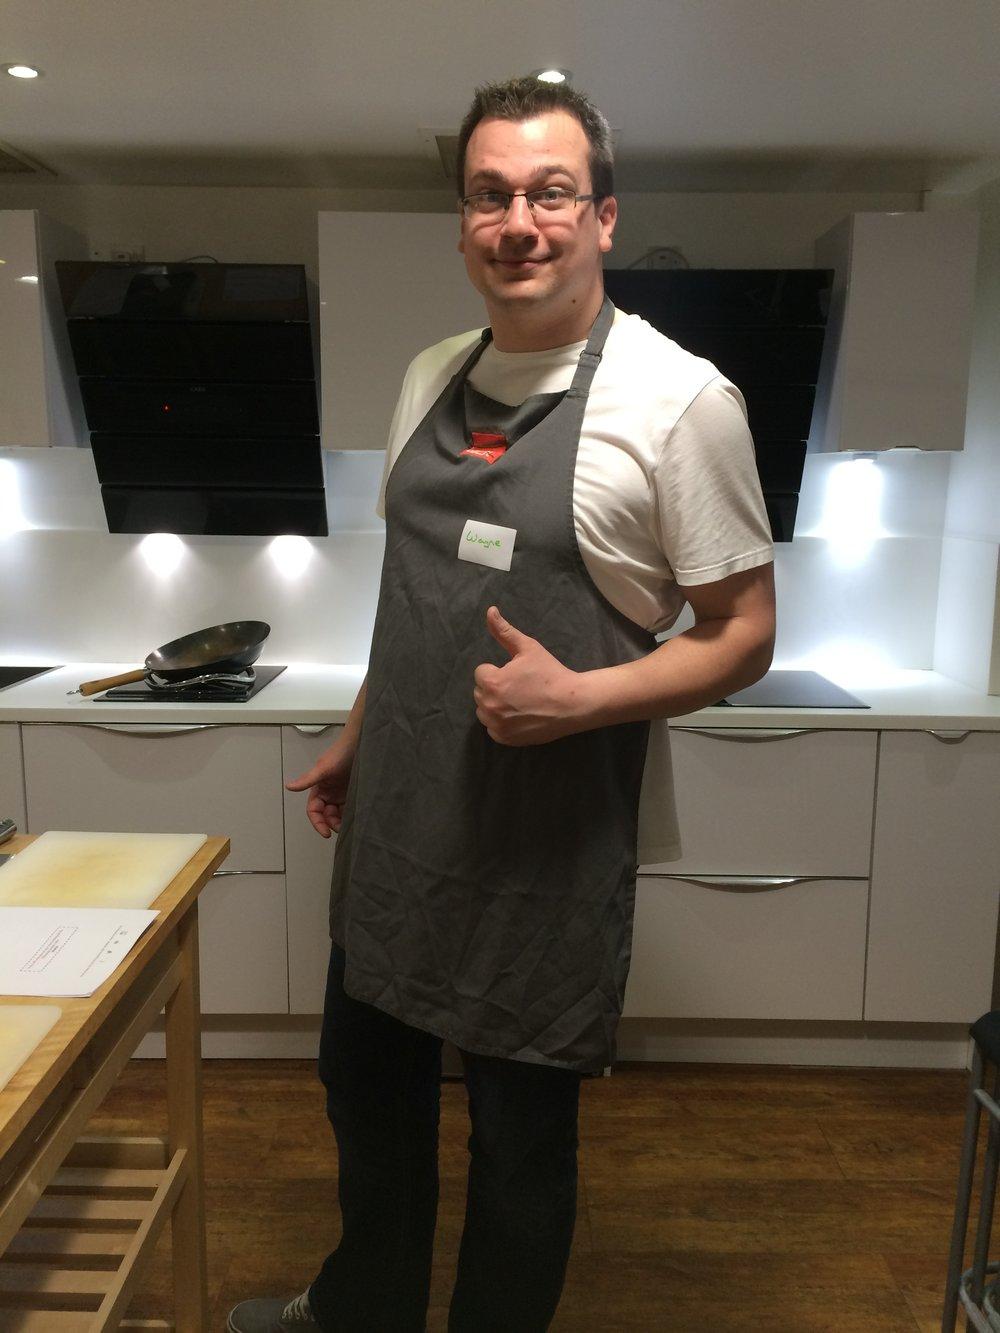 Wayne Wonder Cooking at School of Wok